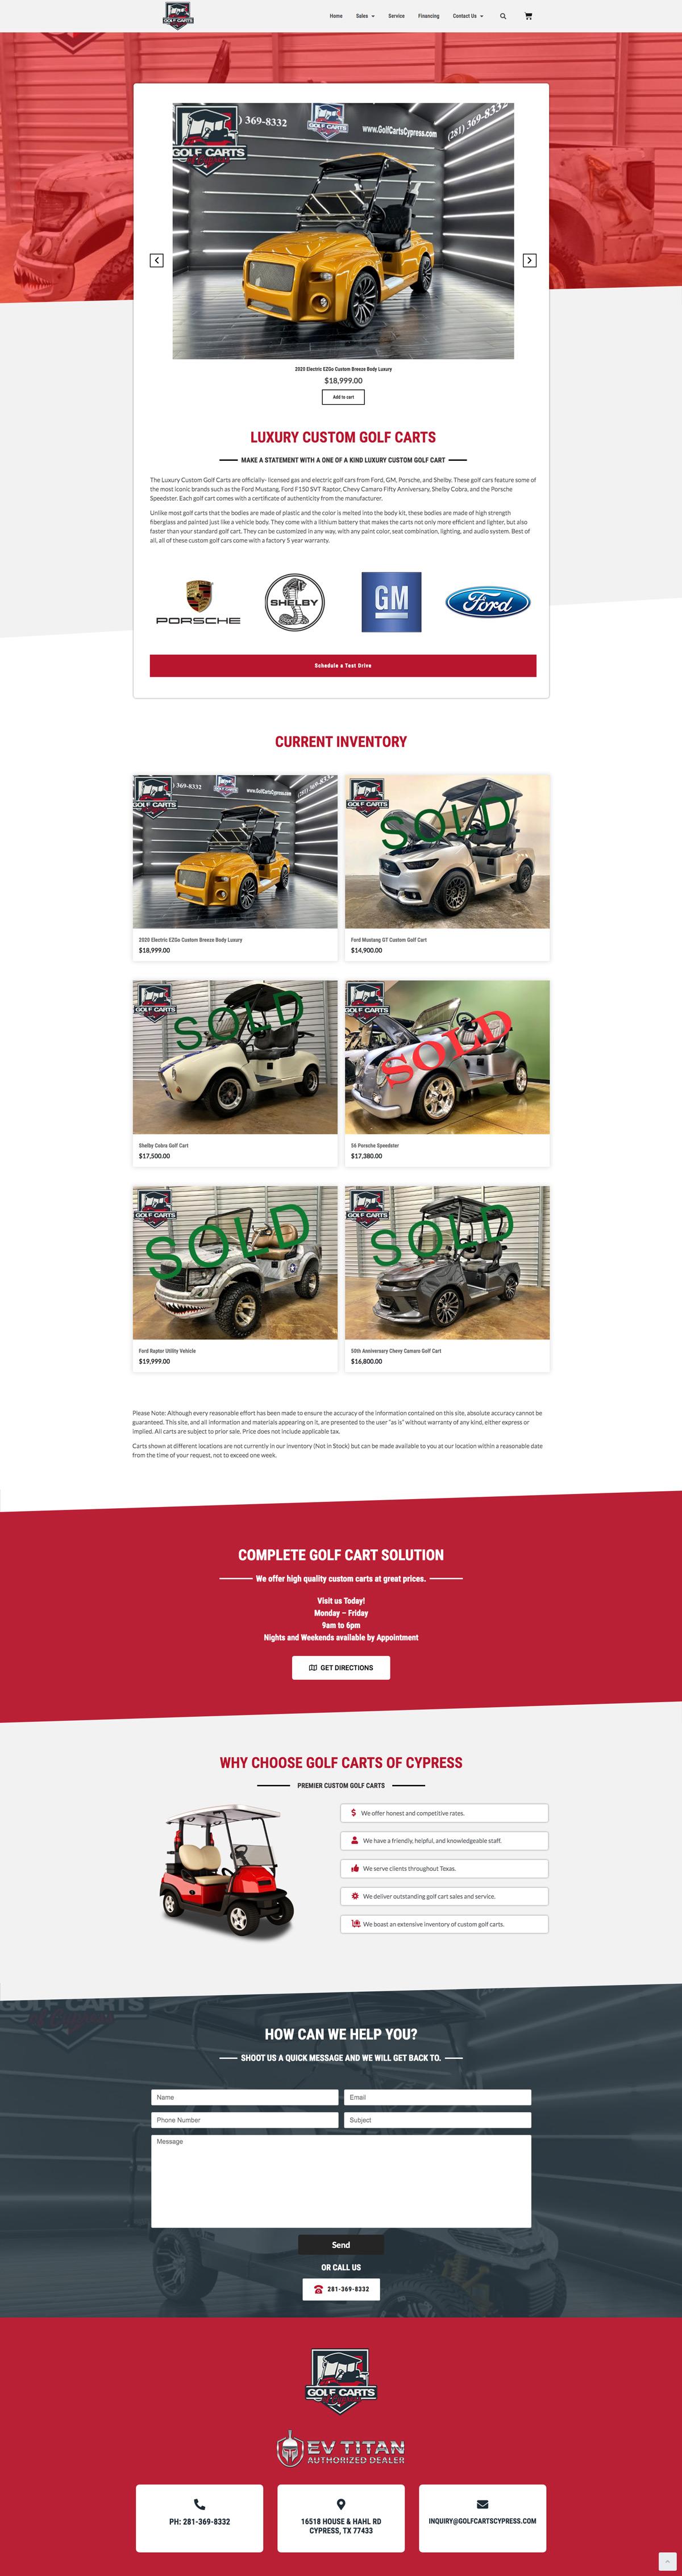 golf-cart-dealer-website-design-cypress-2